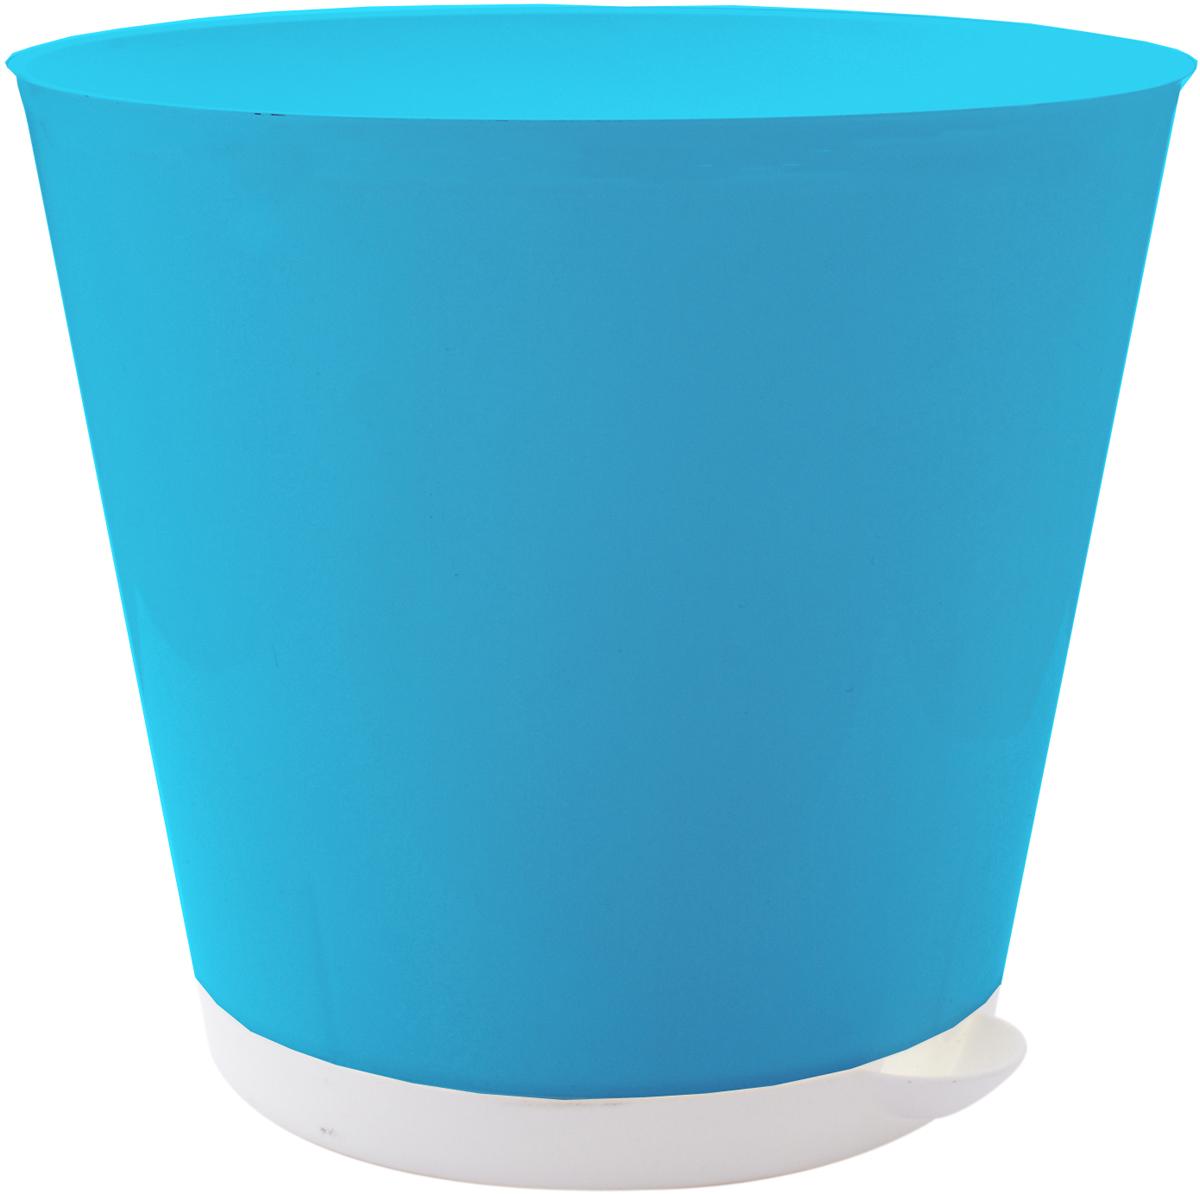 Горшок для цветов InGreen Крит, с системой прикорневого полива, цвет: светло-синий, белый, диаметр 20 смZ-0307Горшок InGreen Крит, выполненный из высококачественного полипропилена (пластика), предназначен для выращивания комнатных цветов, растений и трав. Специальная конструкция обеспечивает вентиляцию в корневой системе растения, а дренажные отверстия позволяют выходить лишней влаге из почвы. Крепежные отверстия и штыри прочно крепят подставку к горшку. Прикорневой полив растения осуществляется через удобный носик. Система прикорневого полива позволяет оставлять комнатное растение без внимания тем, кто часто находится в командировках или собирается в отпуск и не имеет возможности вовремя поливать цветы.Такой горшок порадует вас современным дизайном и функциональностью, а также оригинально украсит интерьер любого помещения. Диаметр горшка (по верхнему краю): 20 см.Высота горшка: 18,2 см.